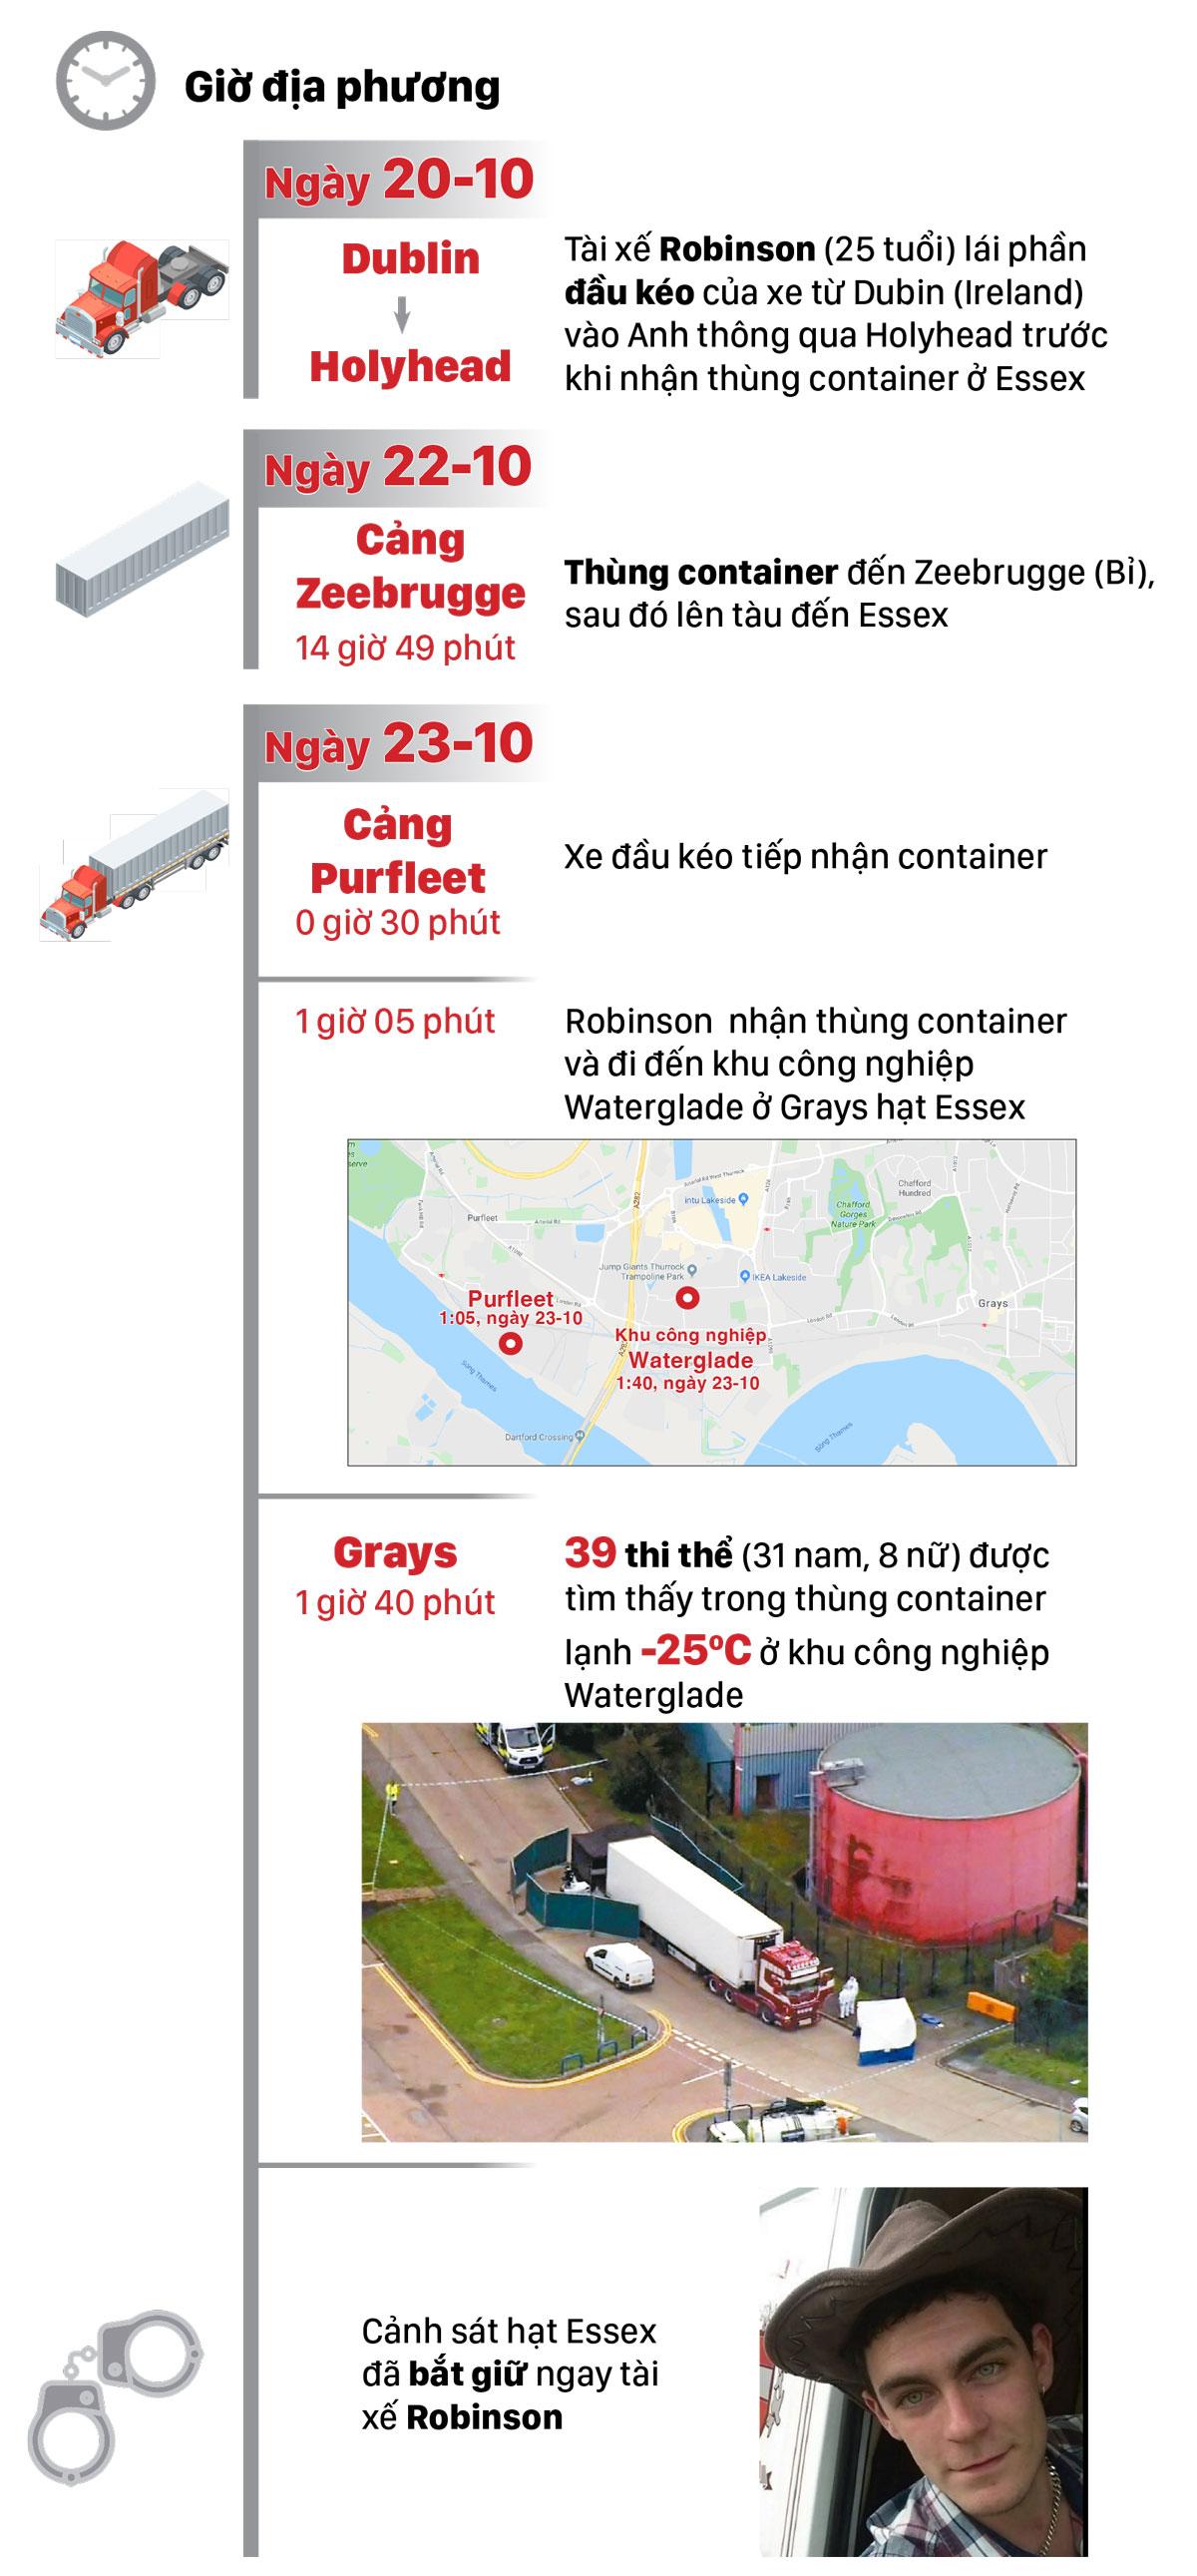 Thảm kịch 39 người nhập cư chết trong thùng container đông lạnh ảnh 3